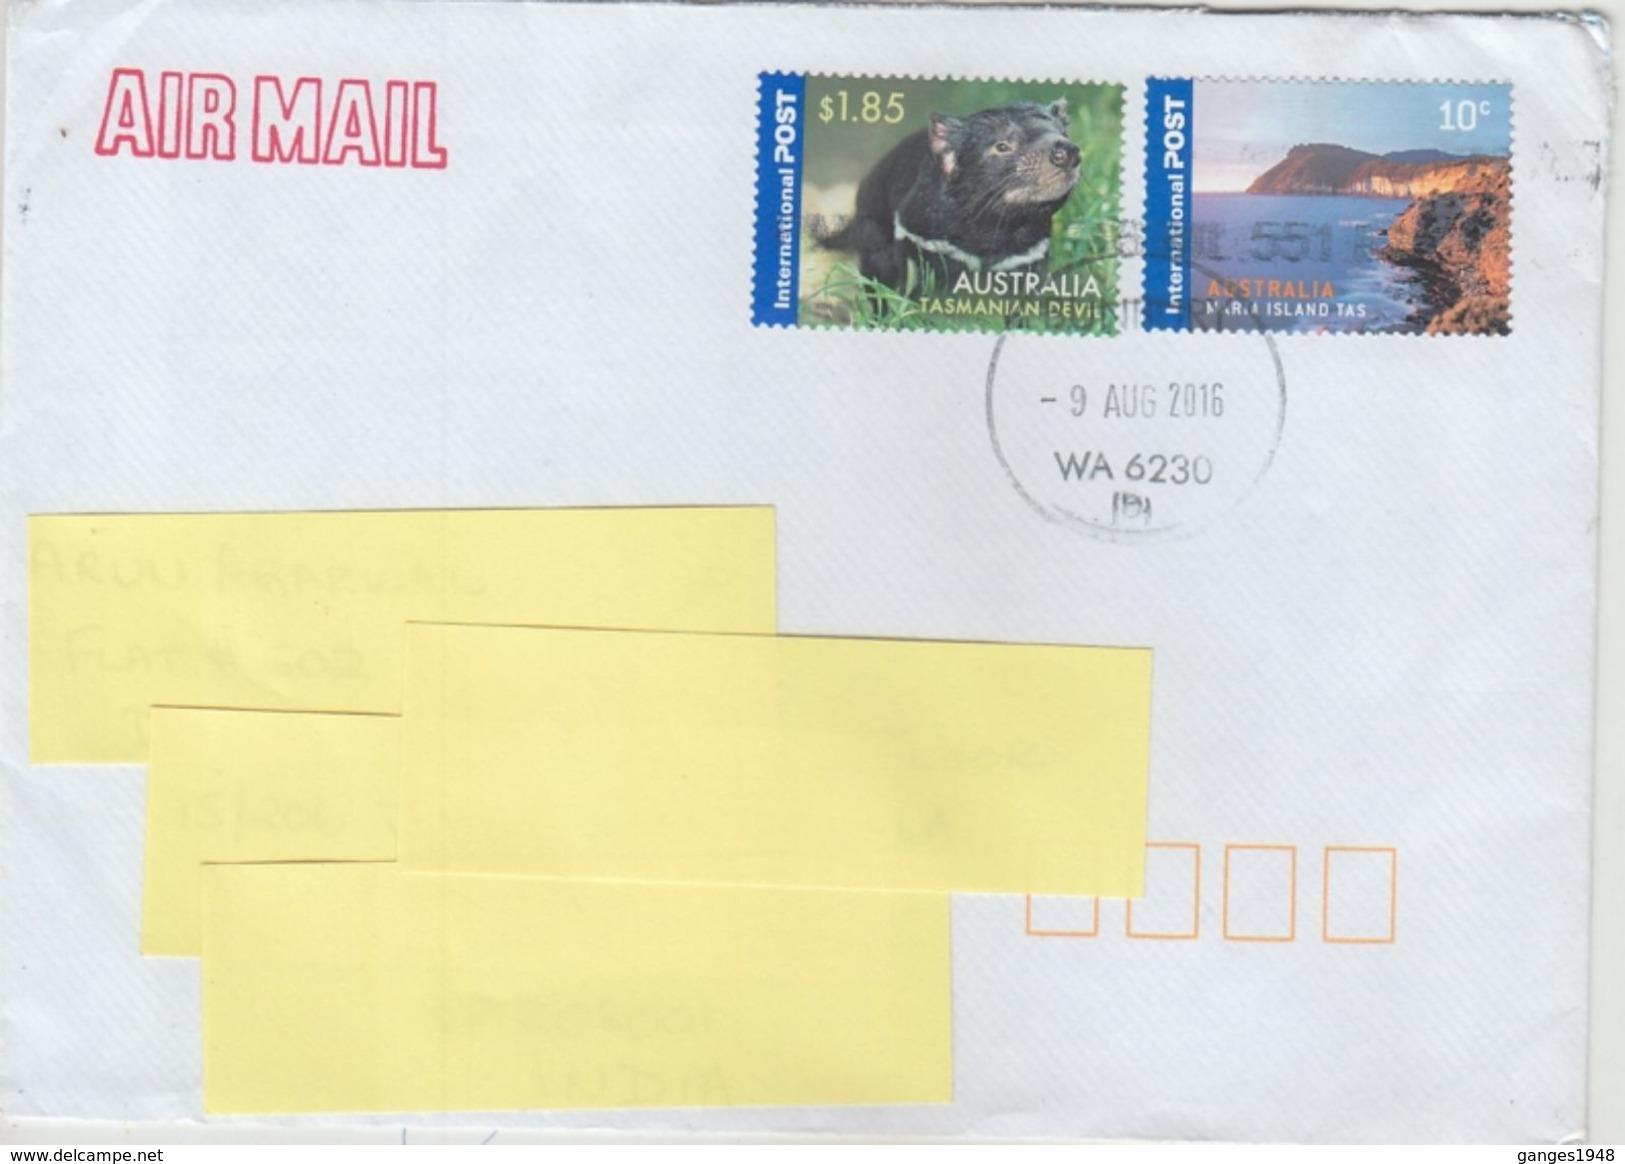 Australia  Tasmanian Devil Stamp  Mailed Cover    #  92784  Inde Indien - Stamps